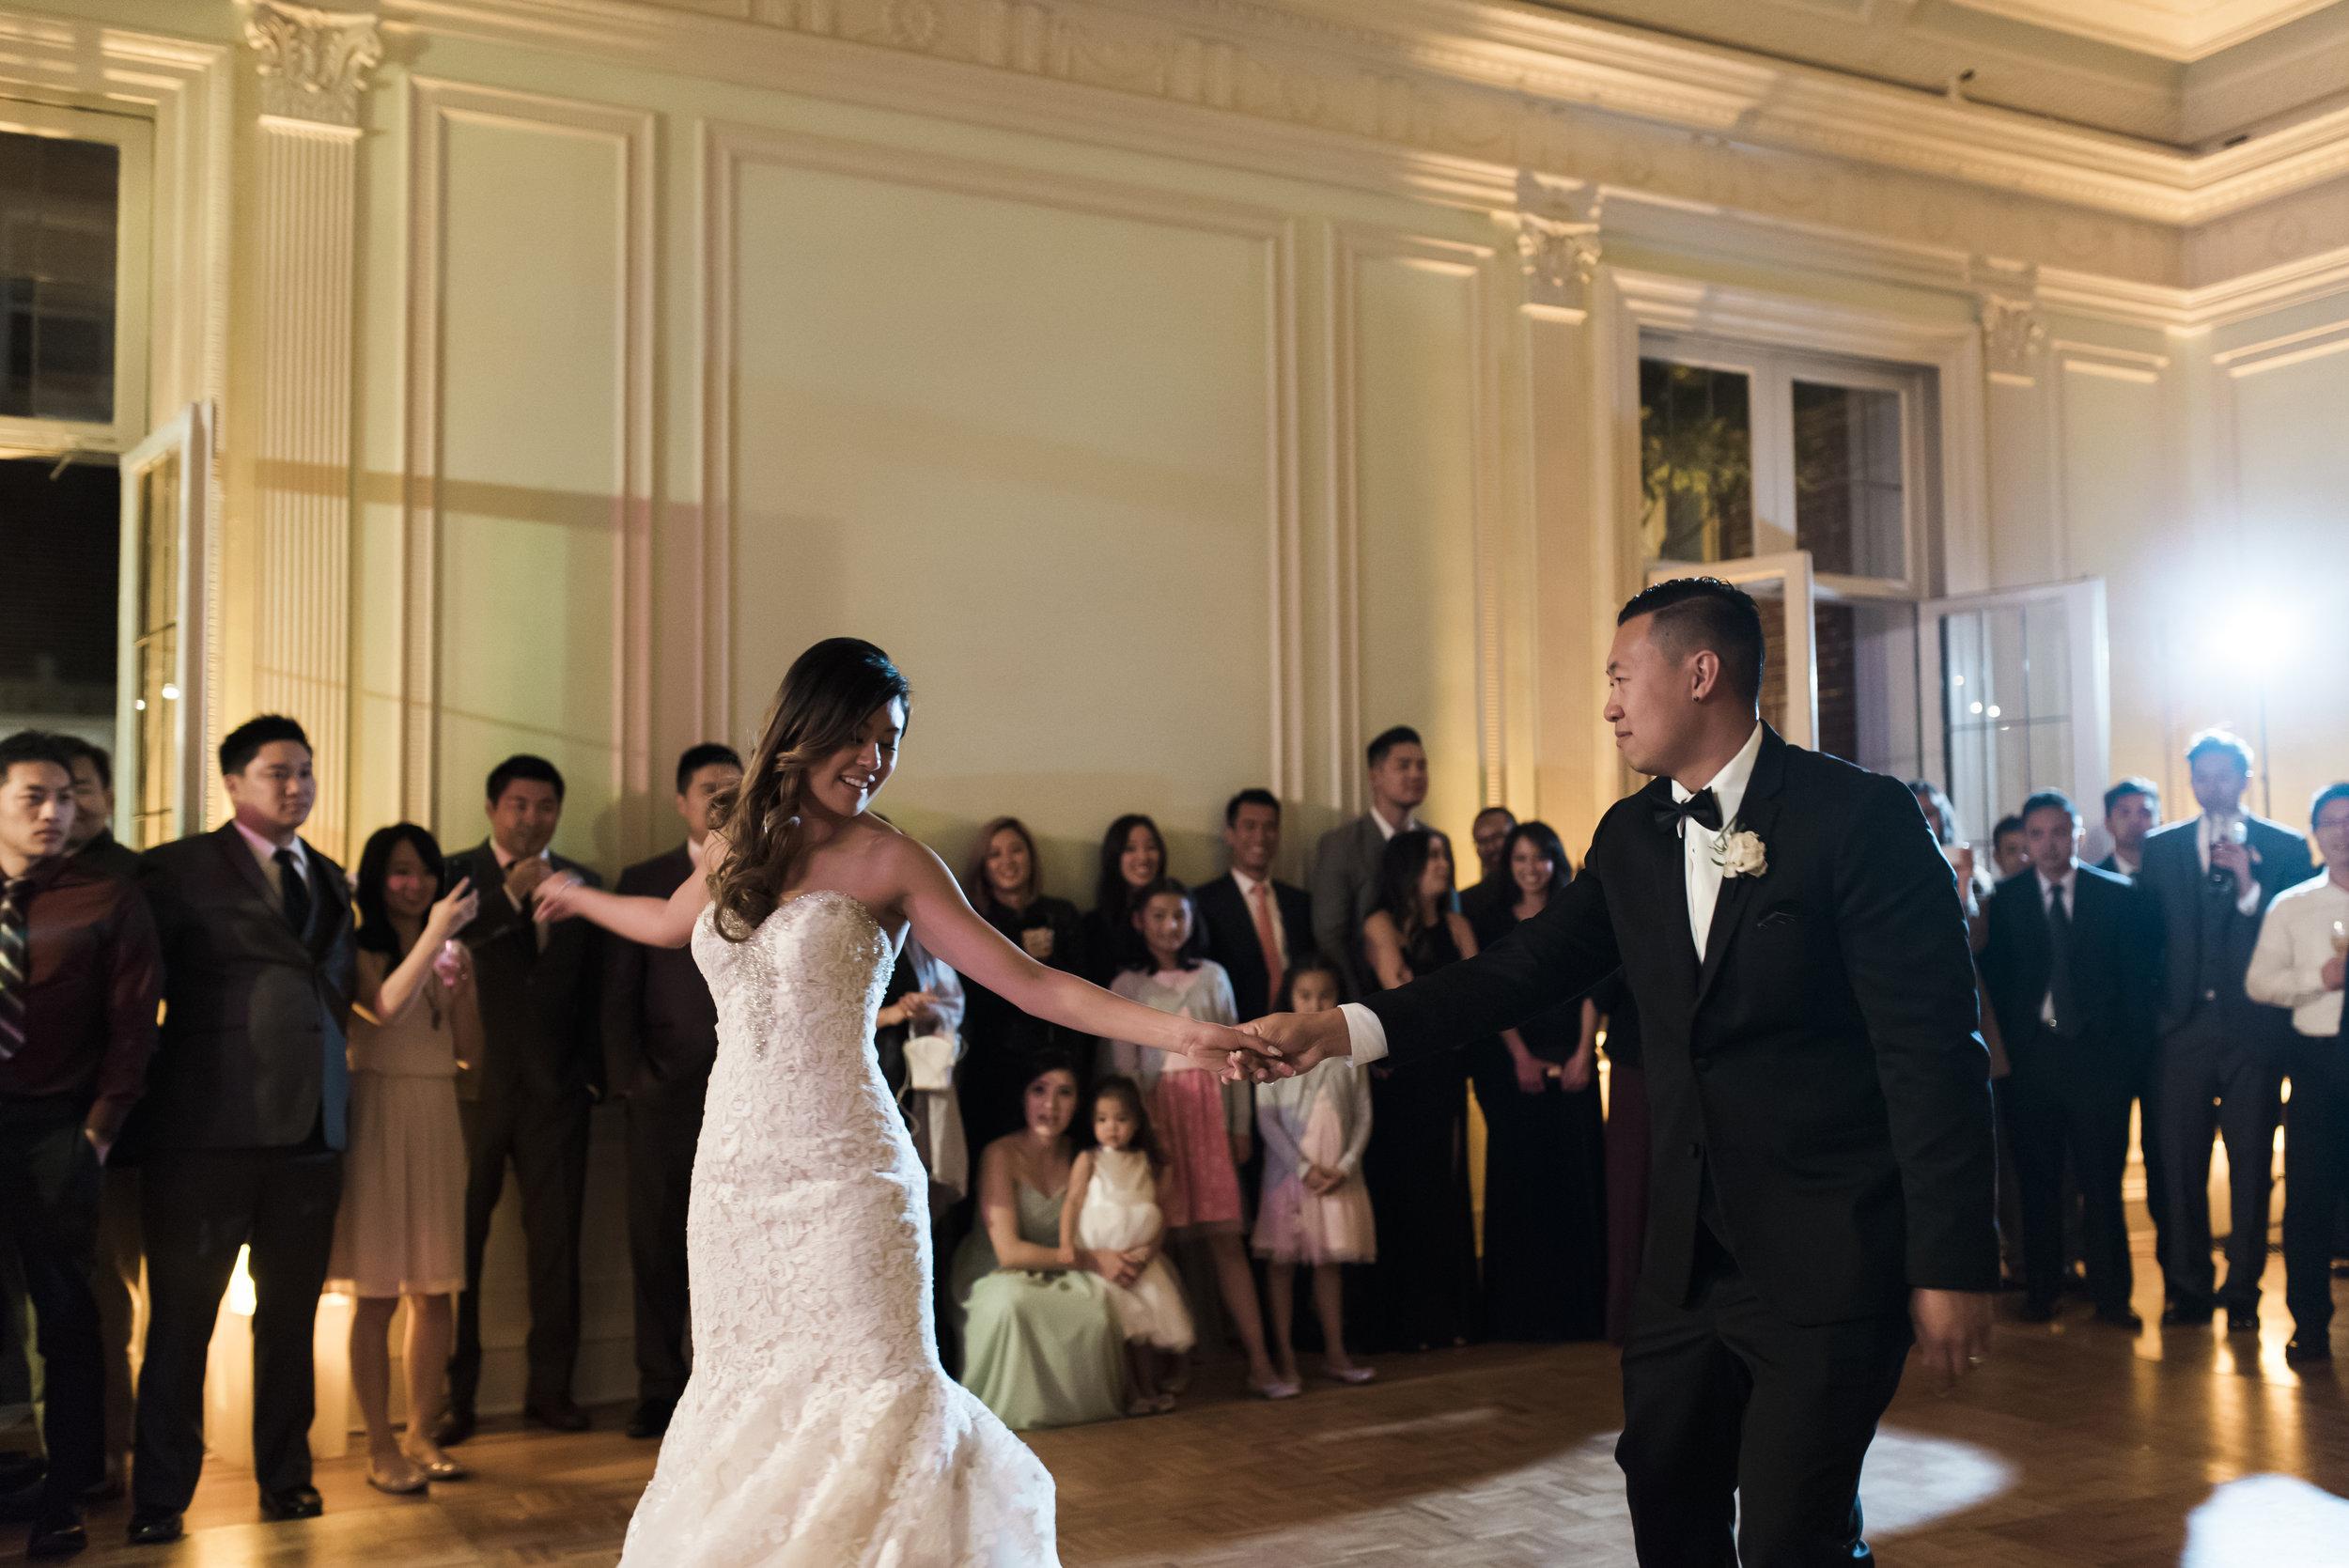 carien-will-wedding-800-(ZF-2465-09696-1-034).jpg